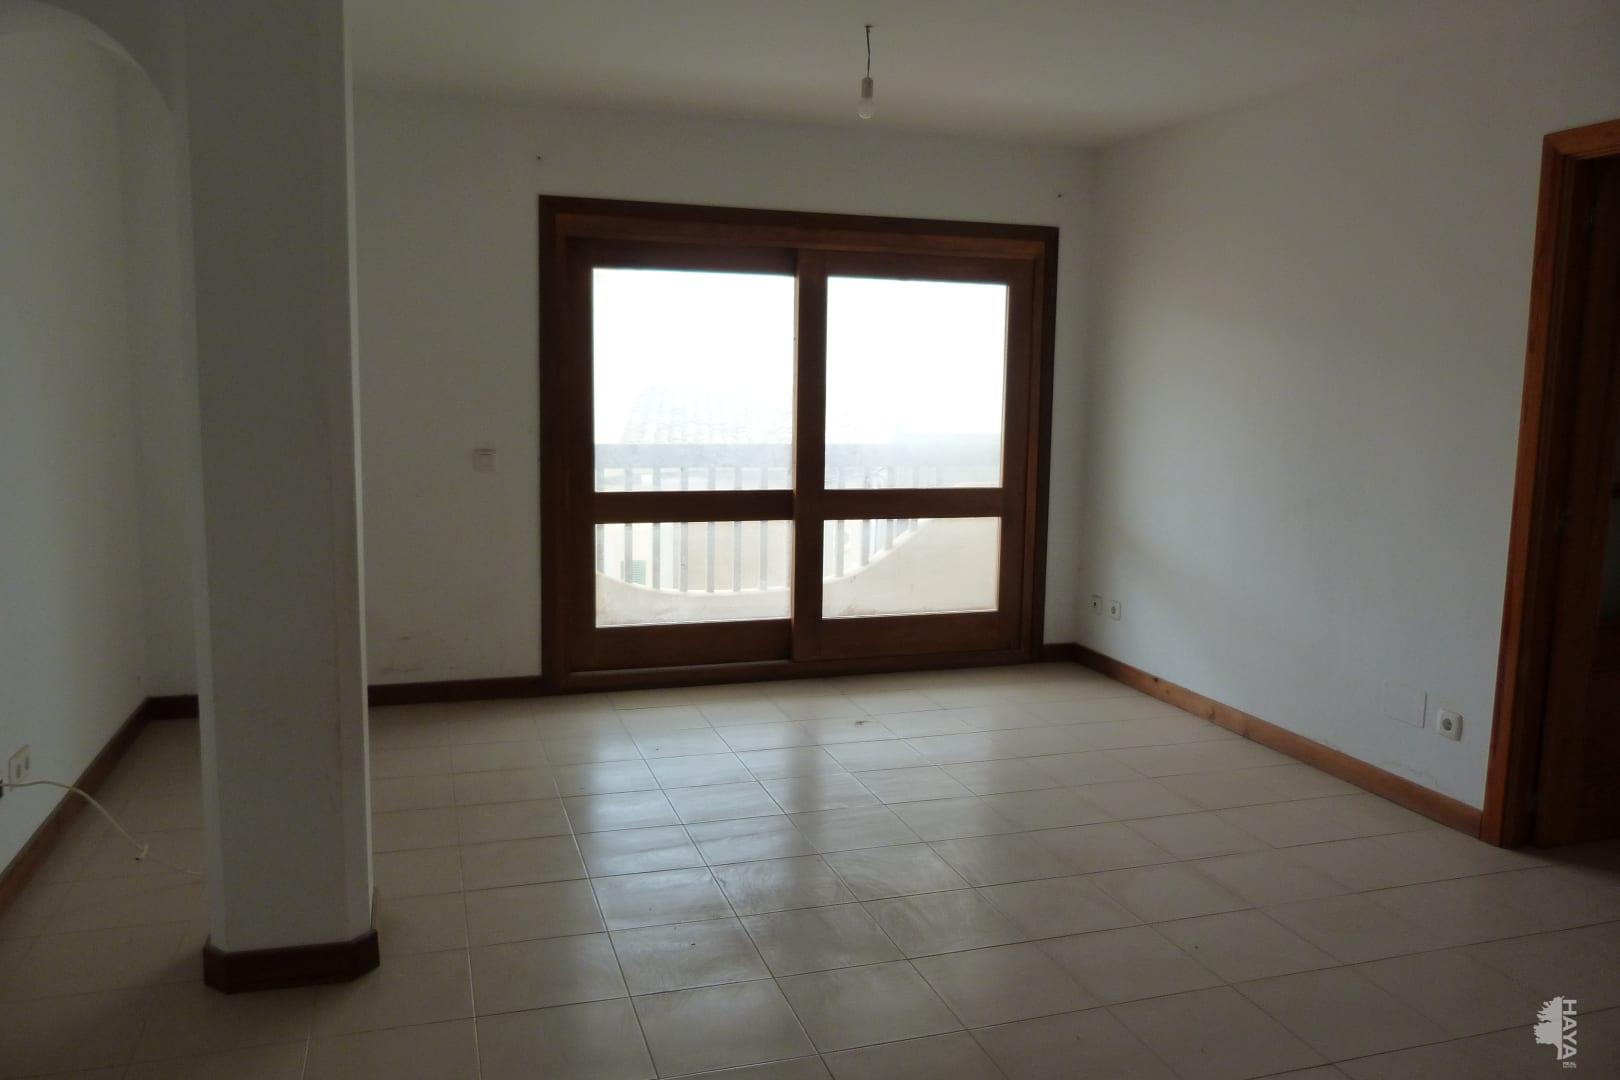 Piso en venta en Felanitx, Baleares, Calle Santanyi, 140.943 €, 3 habitaciones, 1 baño, 100 m2